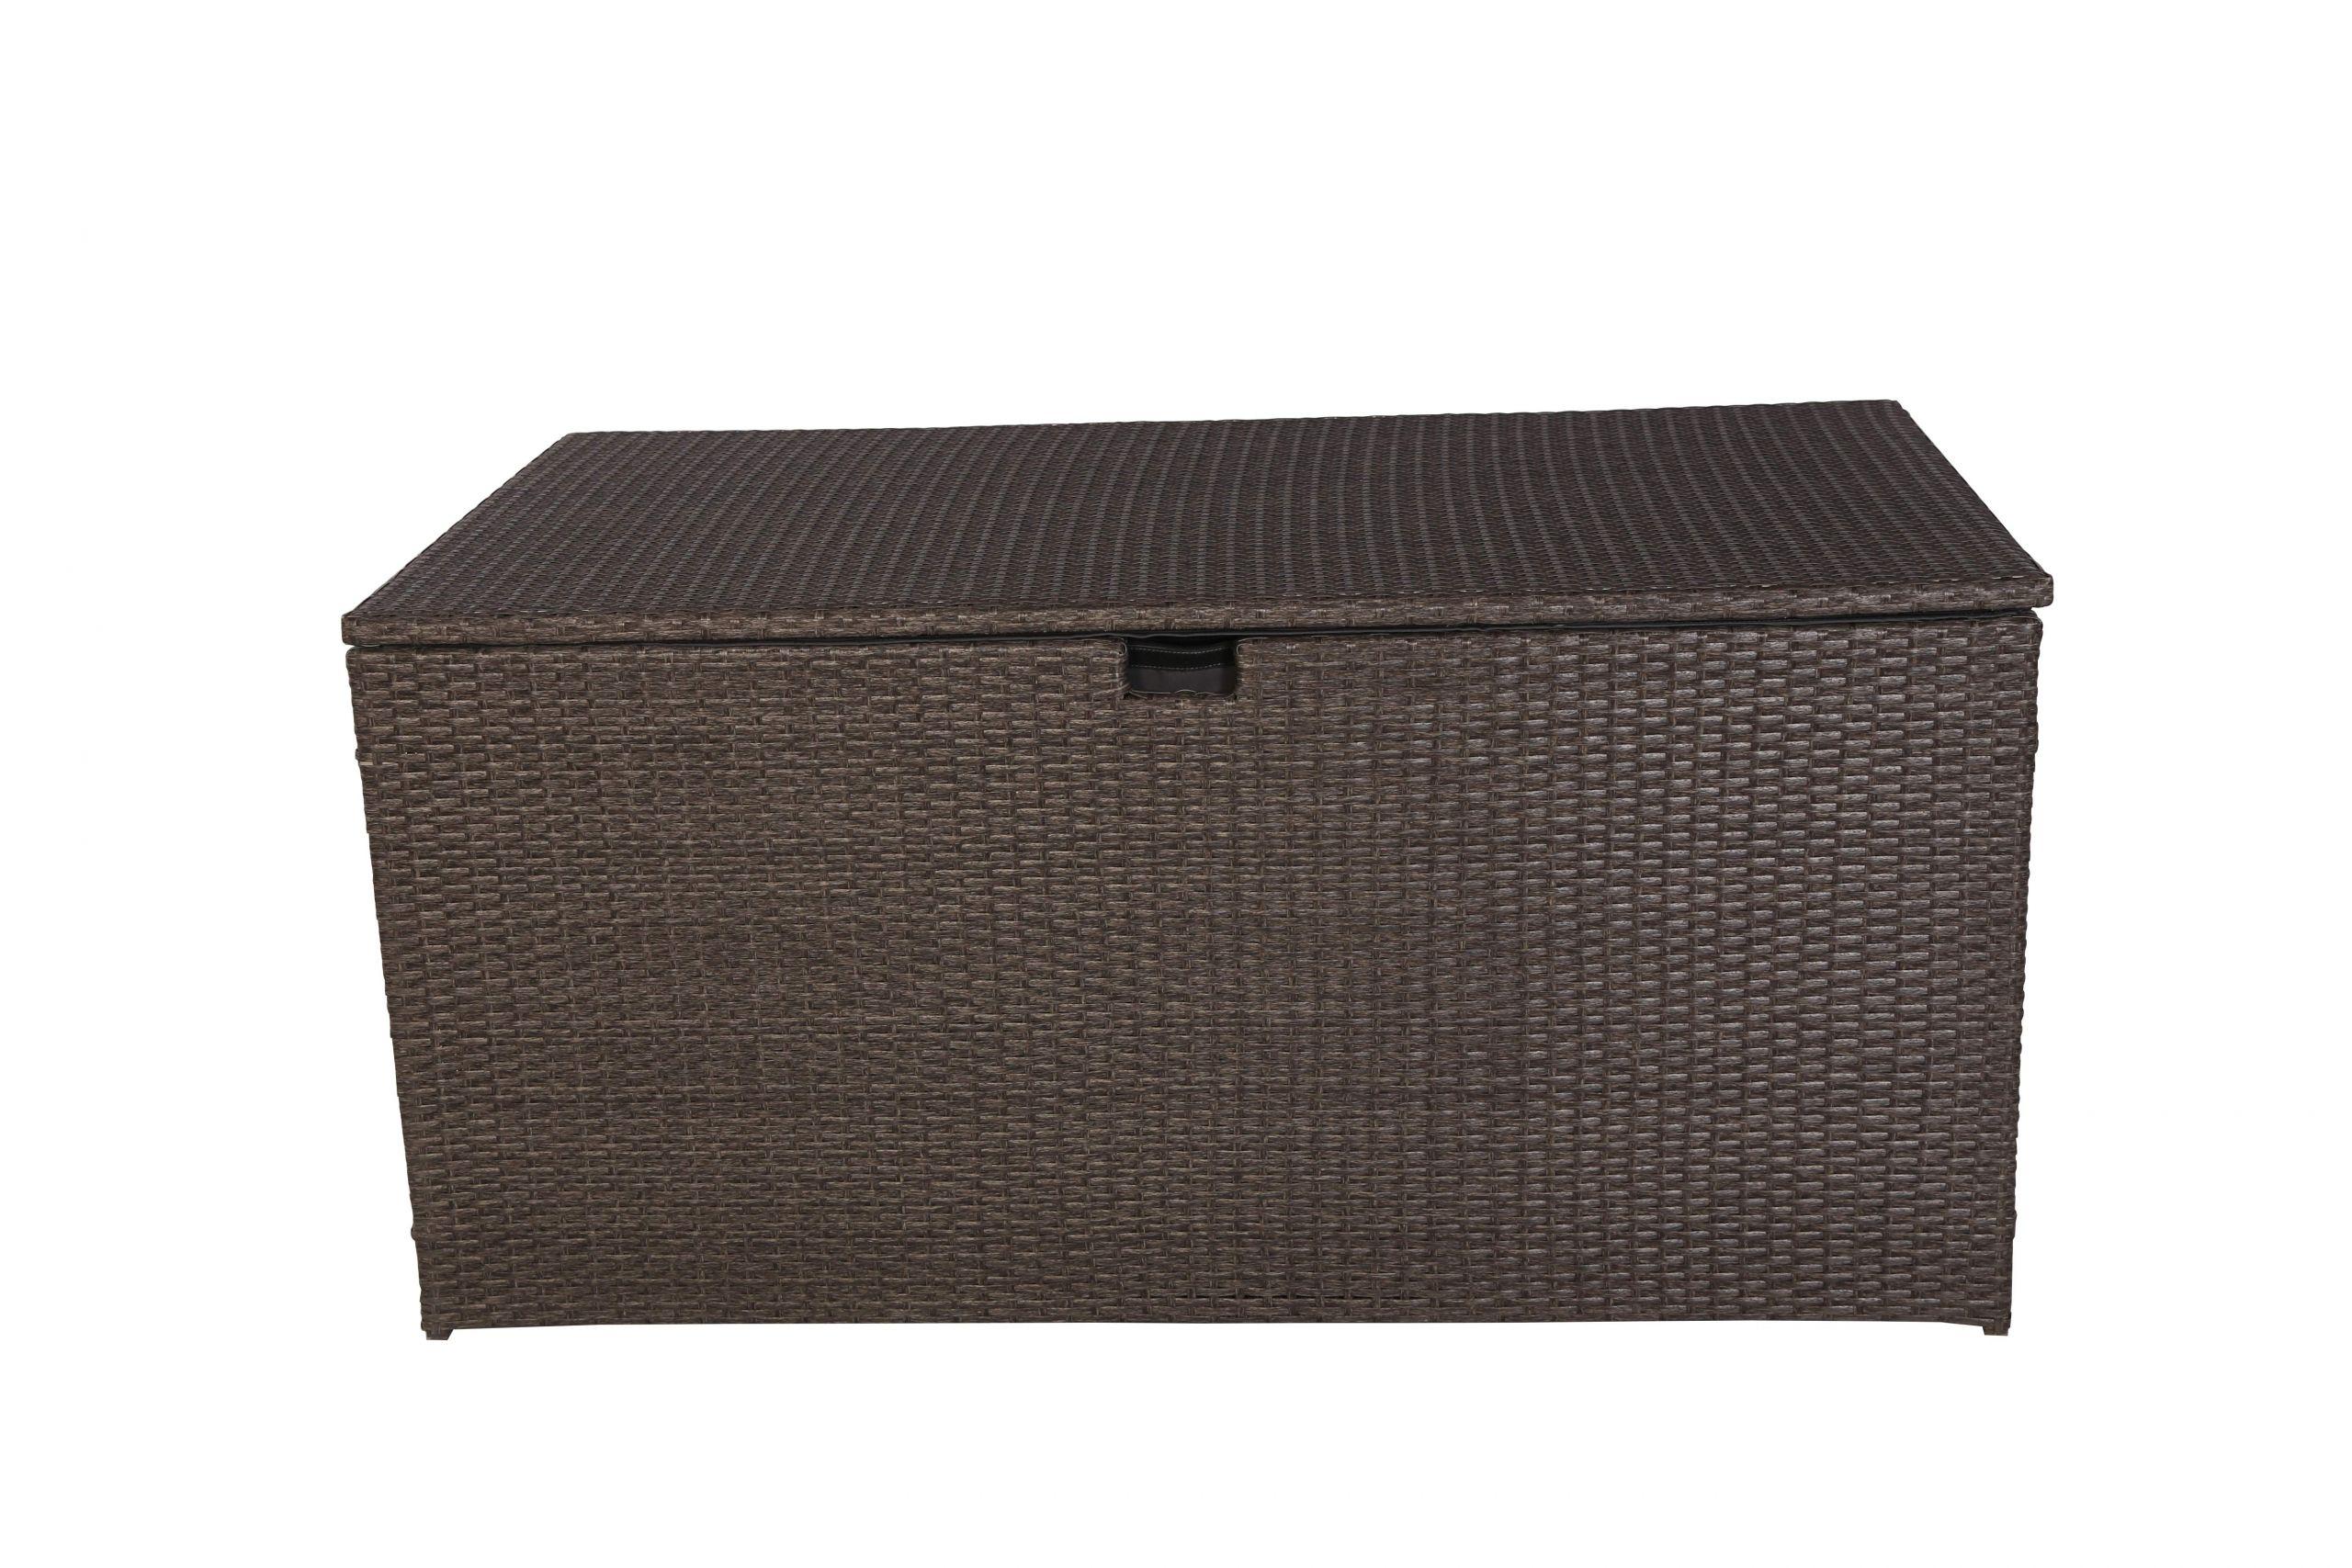 Garten Auflagenbox Das Beste Von Milos Polyrattan Auflagenbox Kissenbox Braun 145x80x60cm